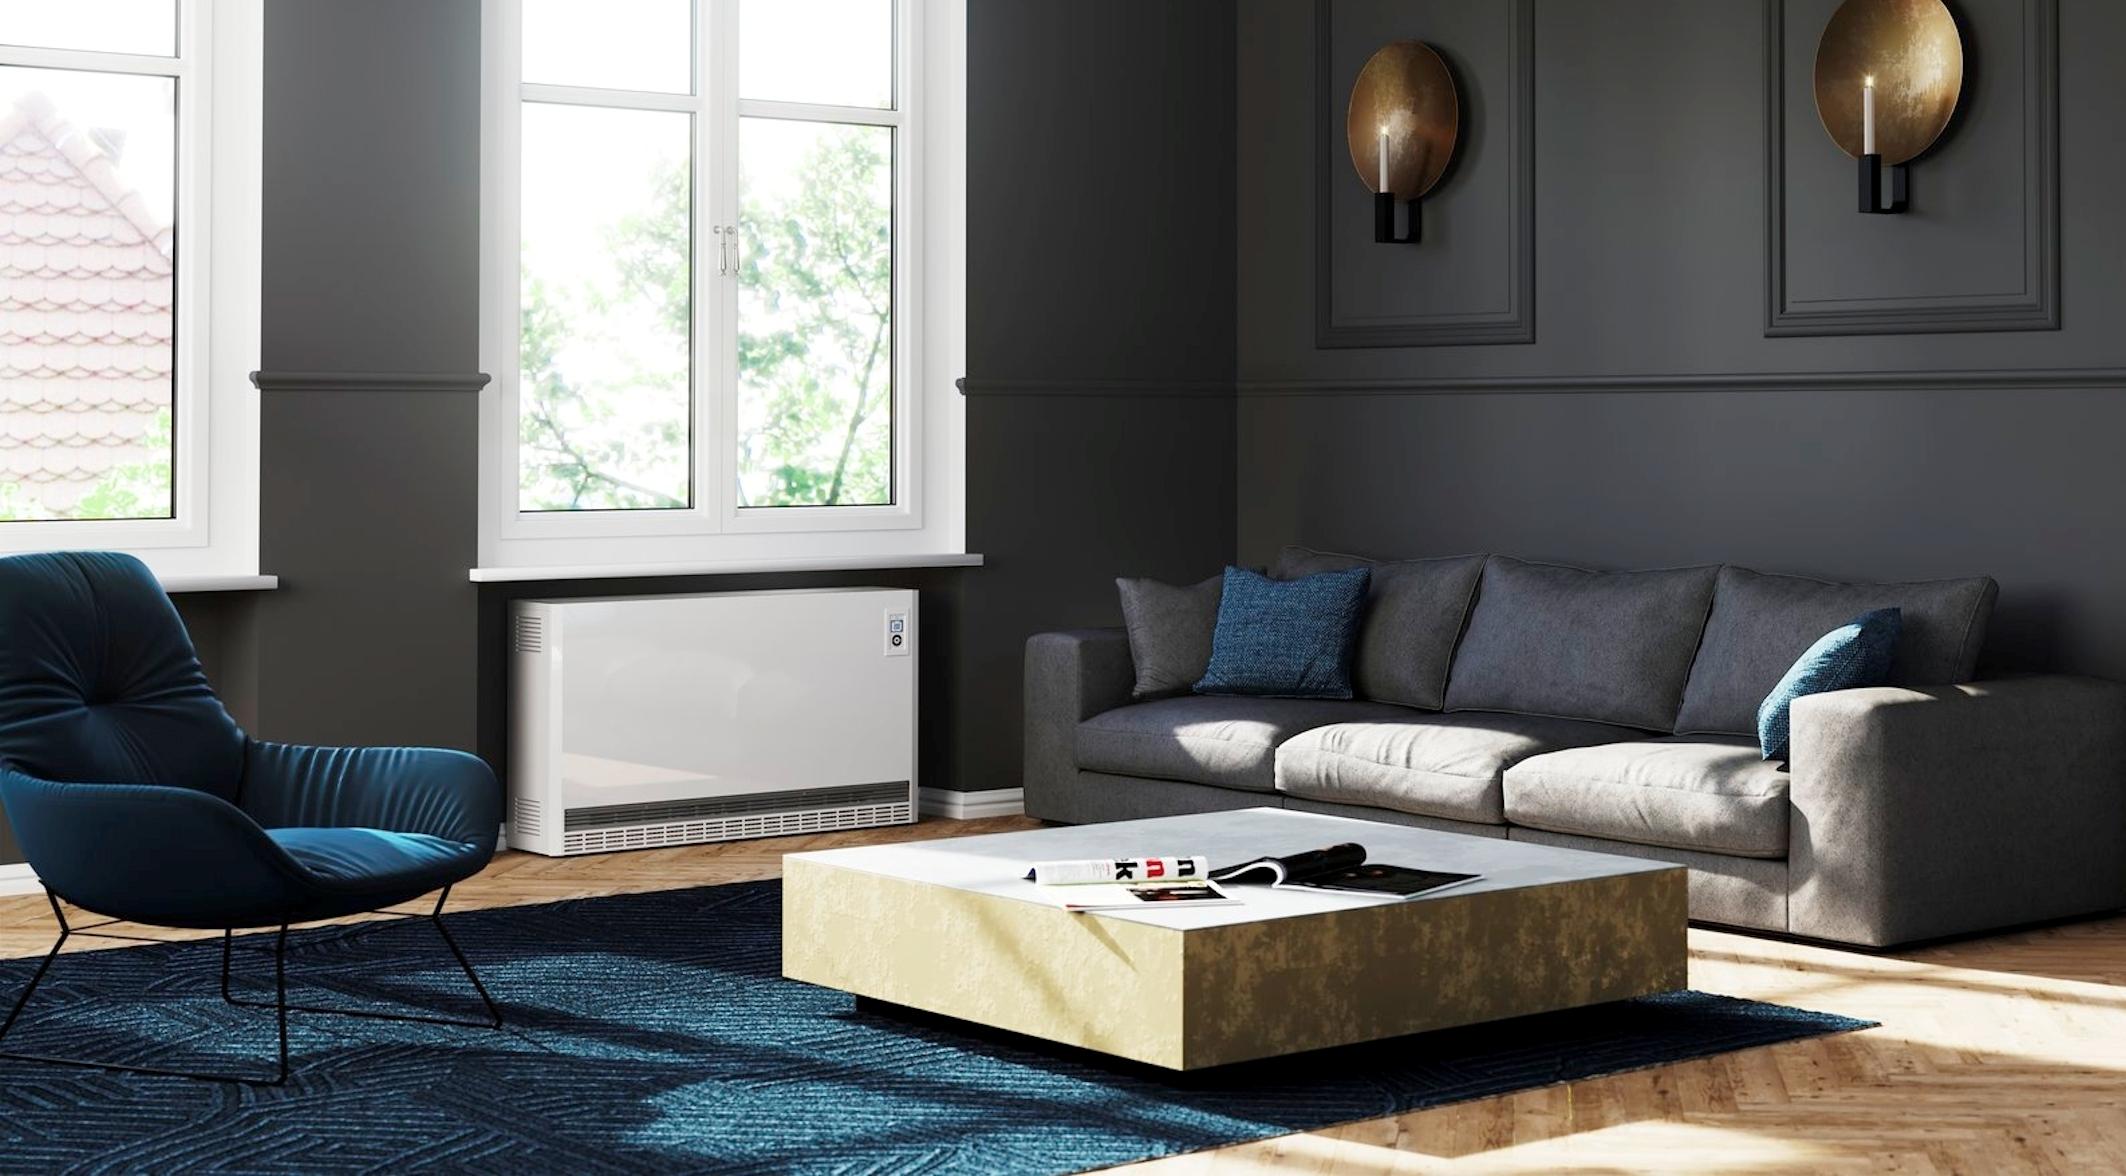 AEG Wärmespeicher - Neue Wärmespeicherheizungen mit moderner Regelungstechnik – für mehr Komfort und Effizienz